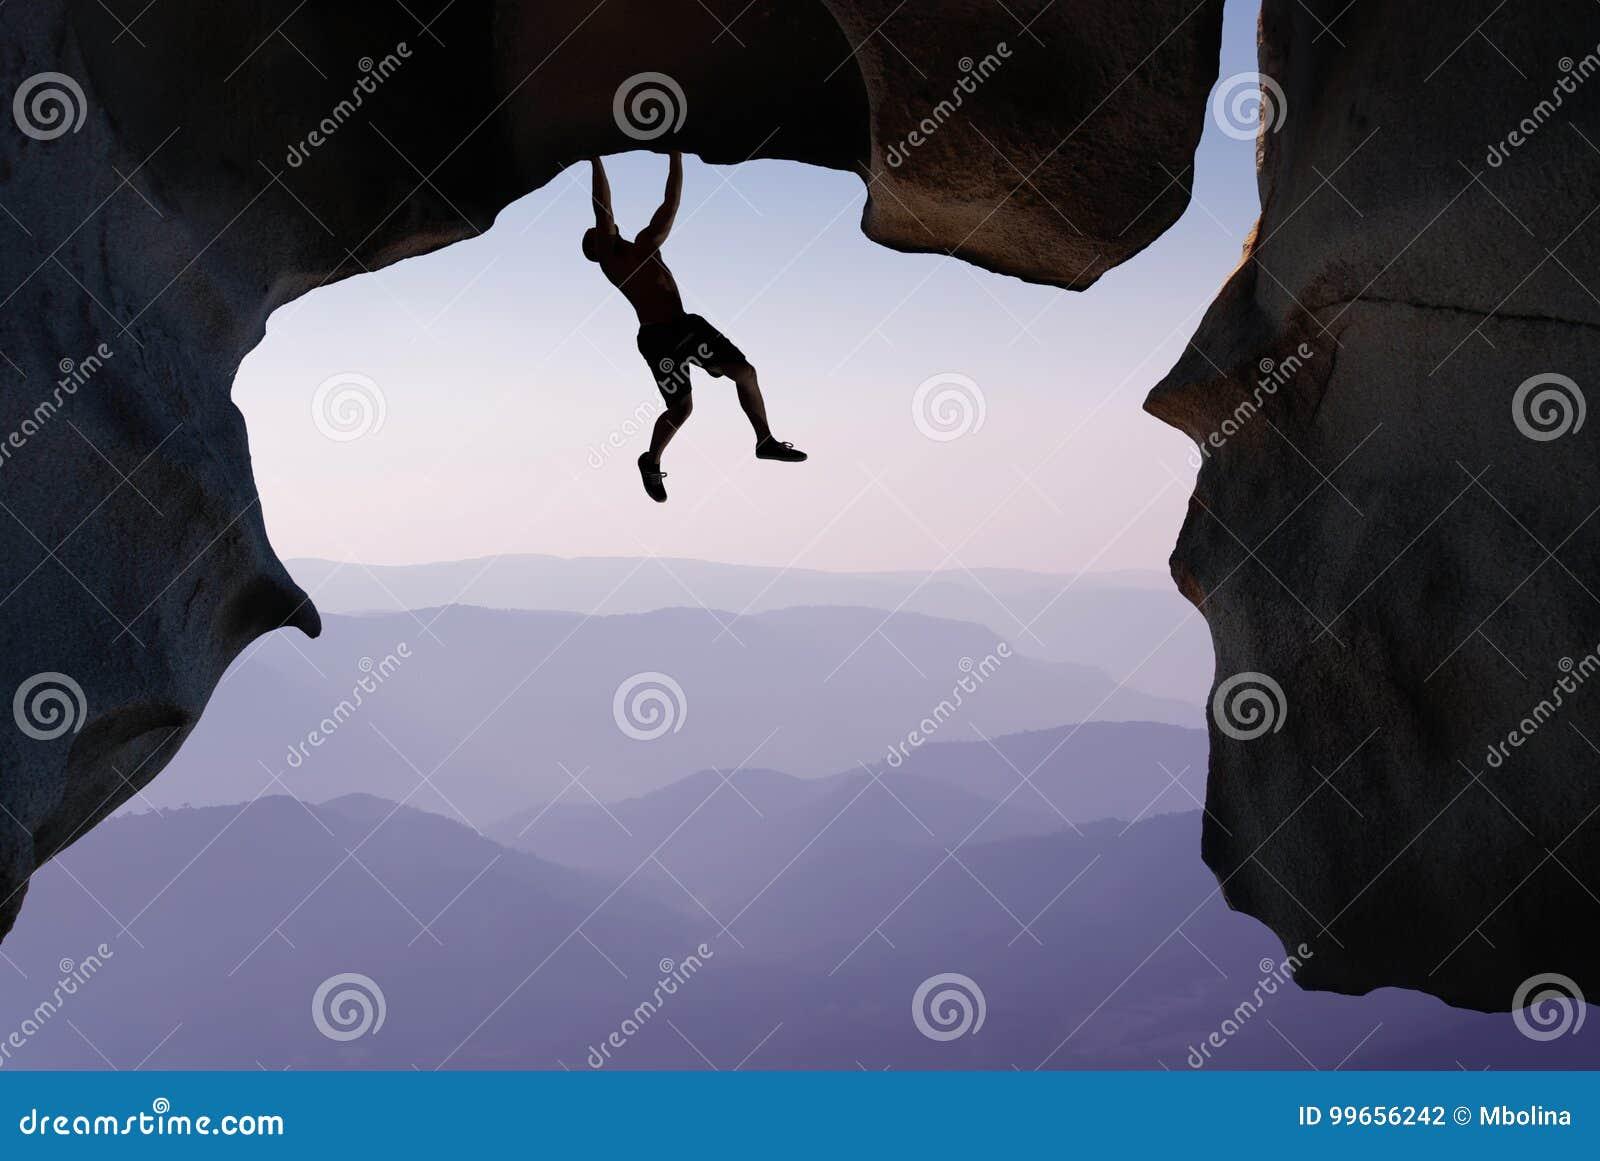 Vagga extrema sport- och för bergklättringen begrepp för klättraren